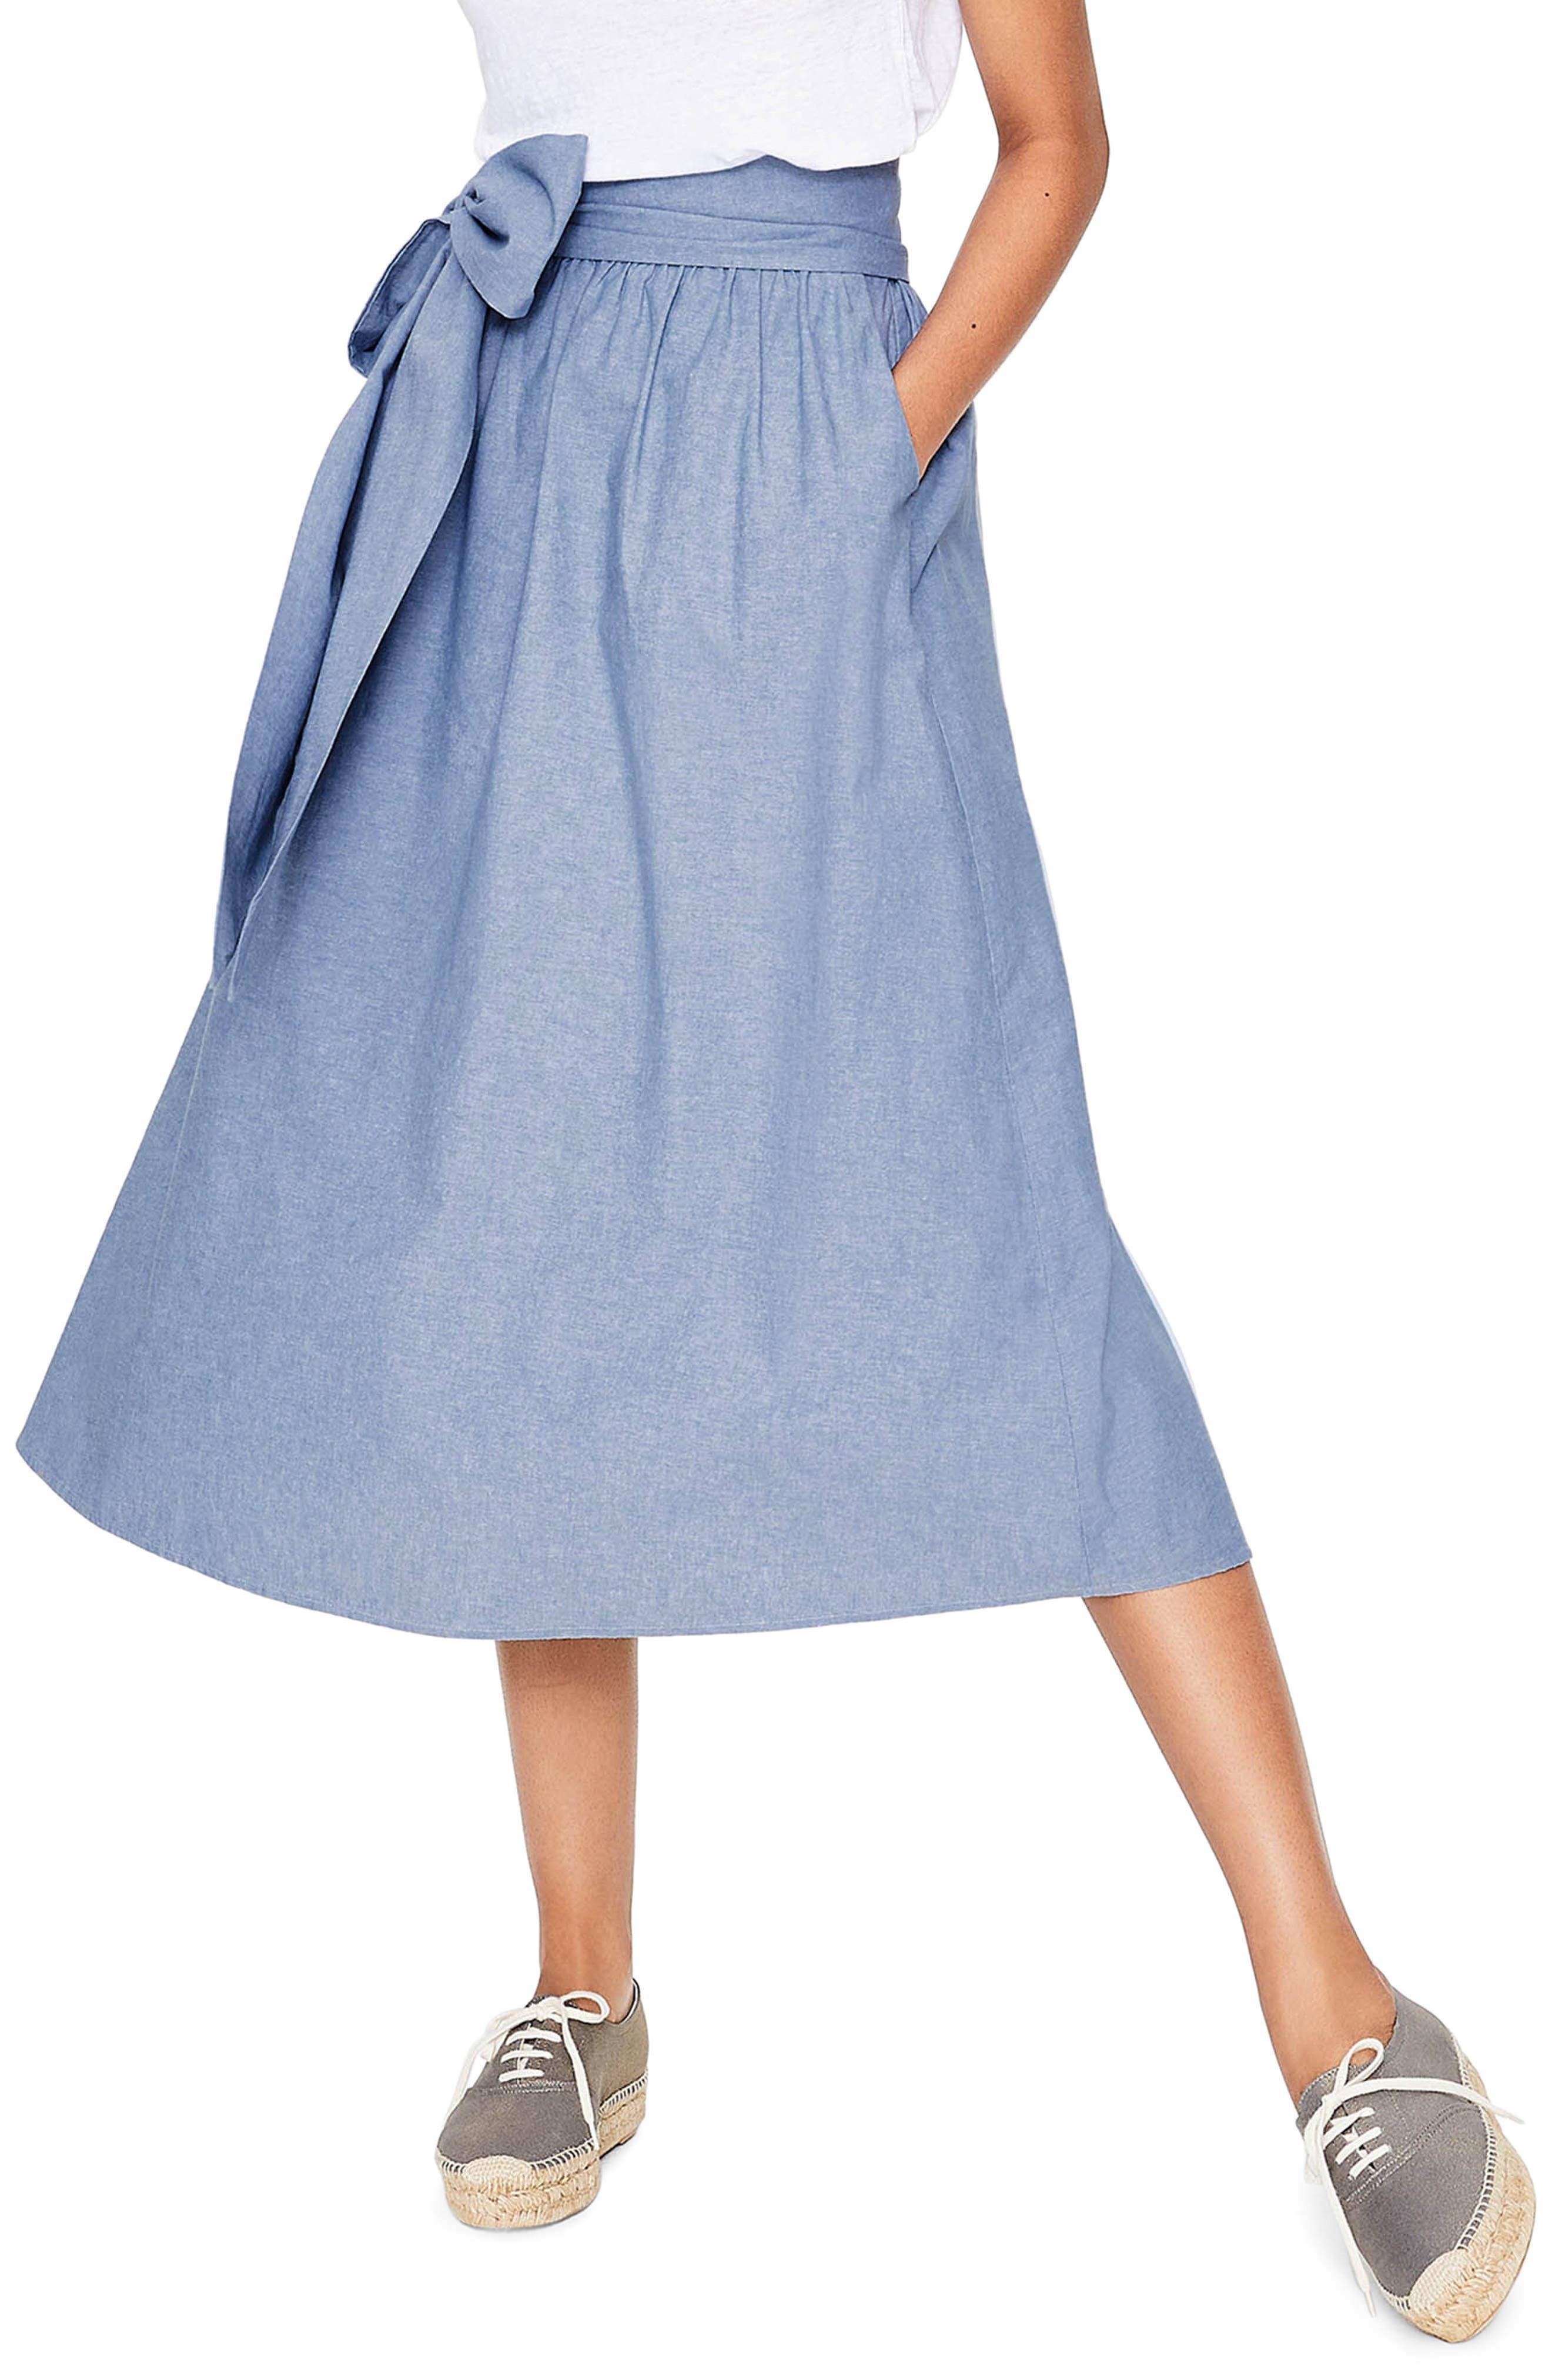 Kiera Midi Skirt,                             Main thumbnail 1, color,                             469